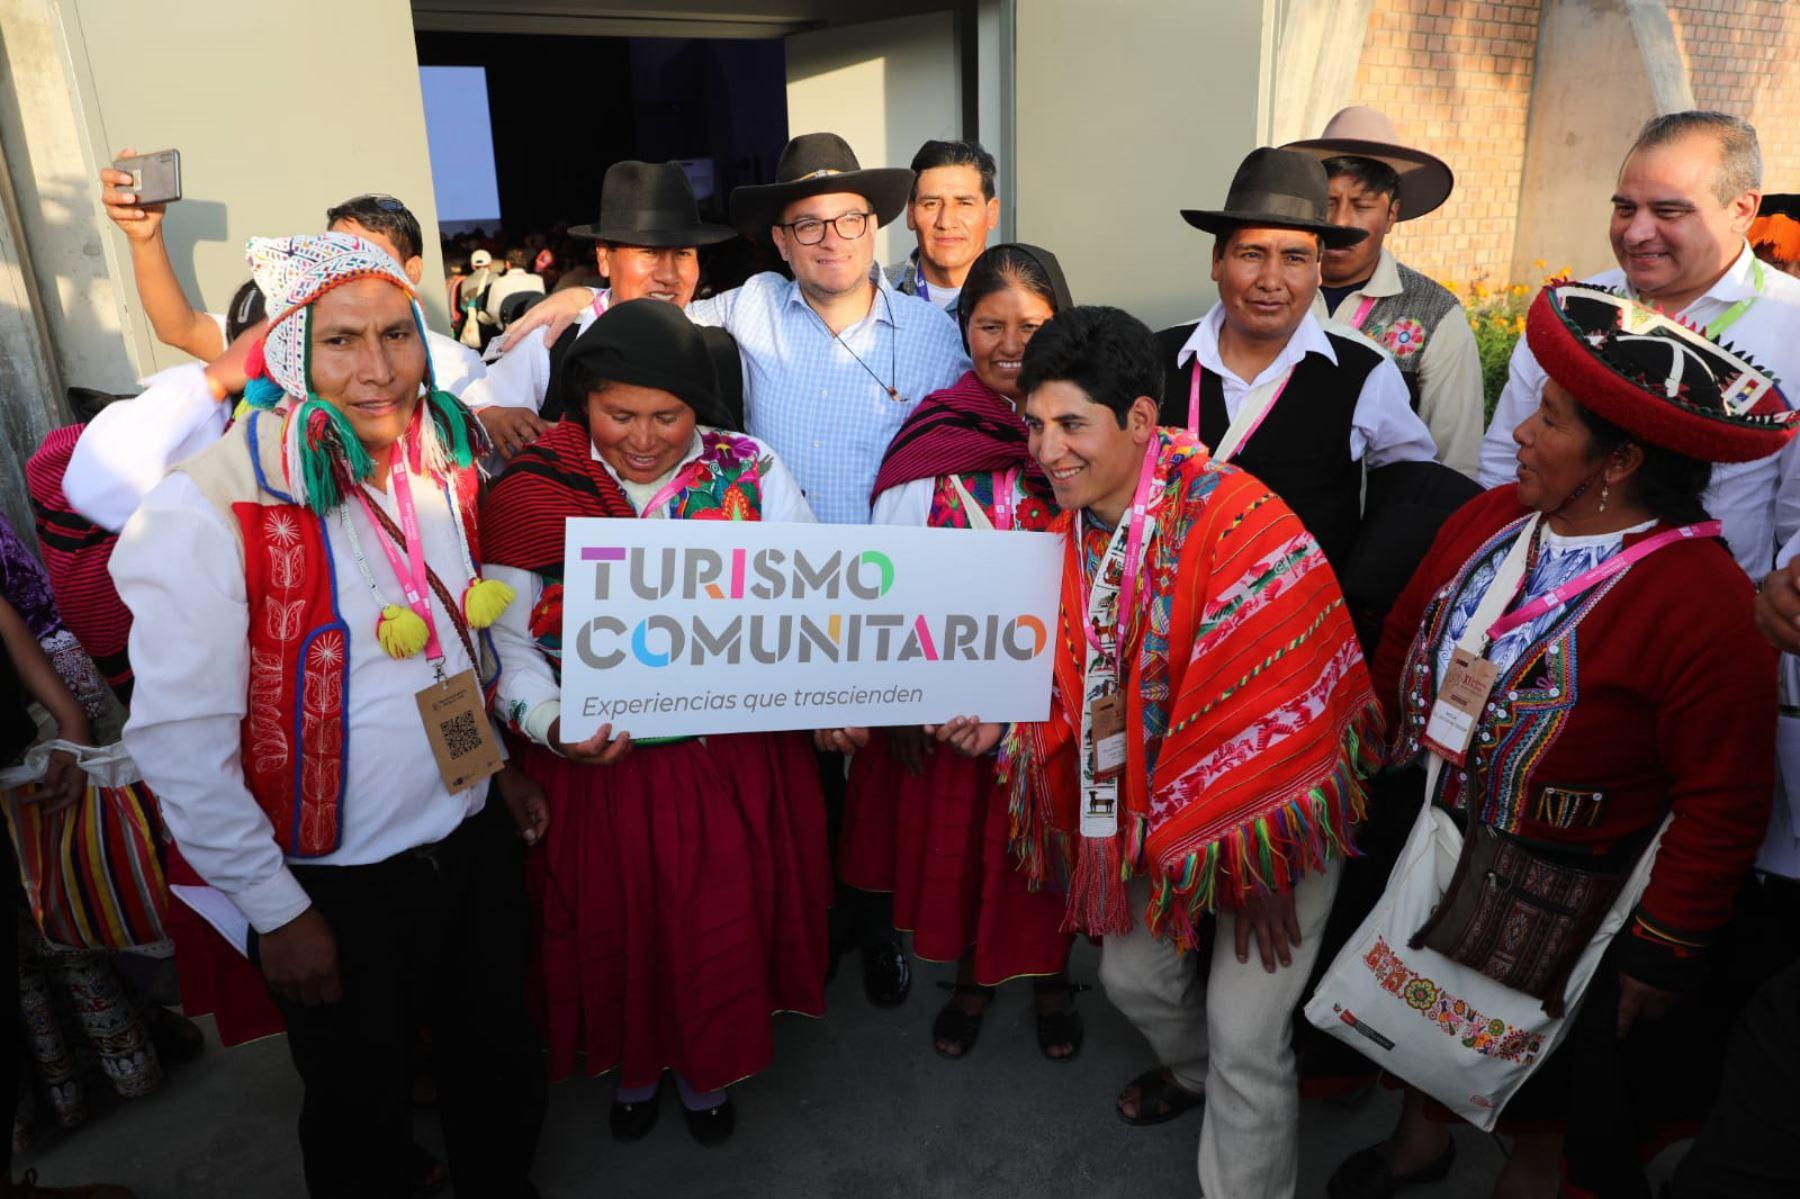 Durante el XI Encuentro Nacional de Turismo Comunitario, que se desarrolla en Arequipa, el titular del Mincetur, Edgar Vásquez, relanzó la marca Turismo Comunitario con una nueva identidad.